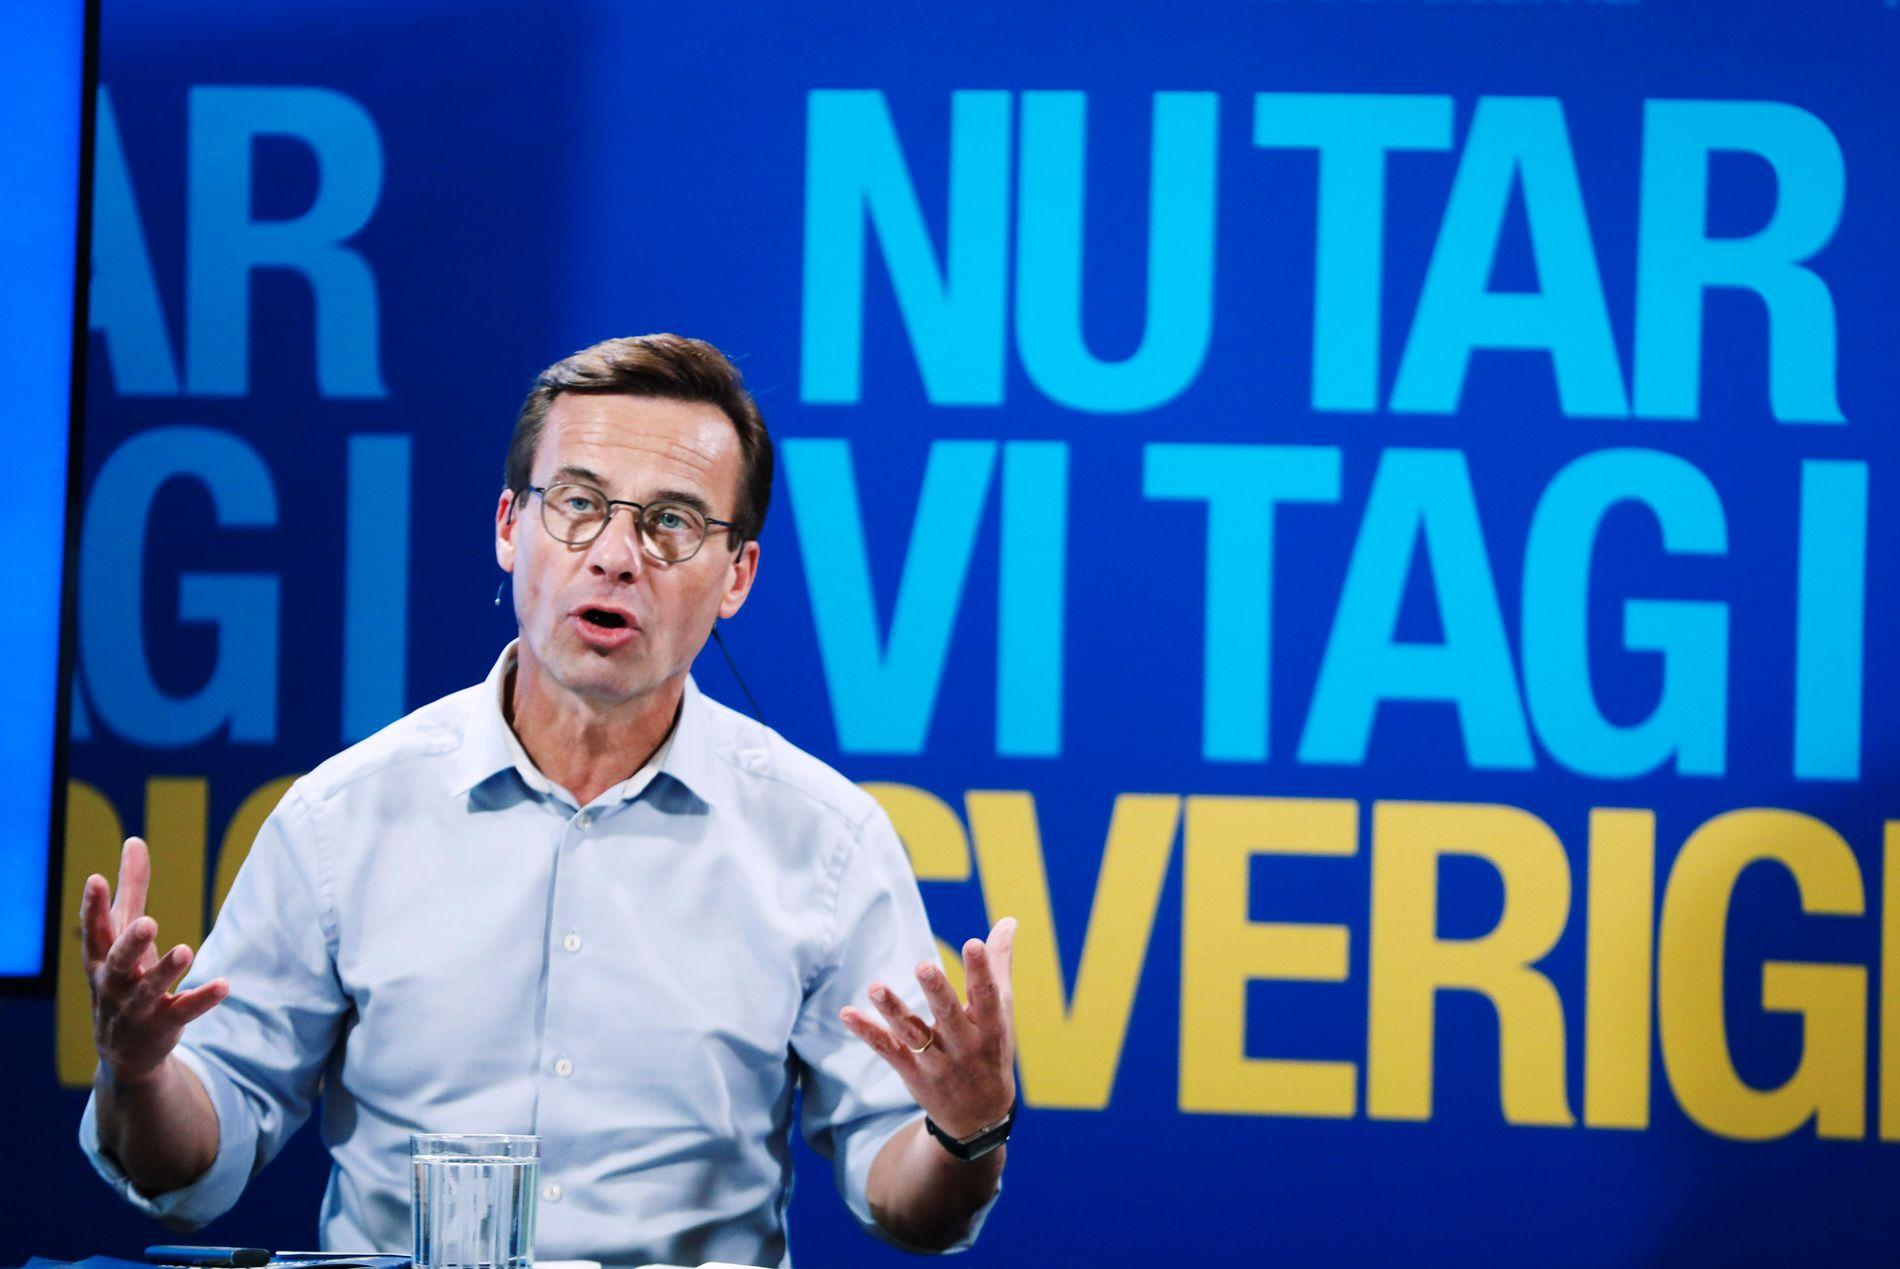 ØNSKER IKKE SAMARBEID: Konservative Moderaternas leder Ulf Kristersson avviser blankt et eventuelt samarbeid med SD.